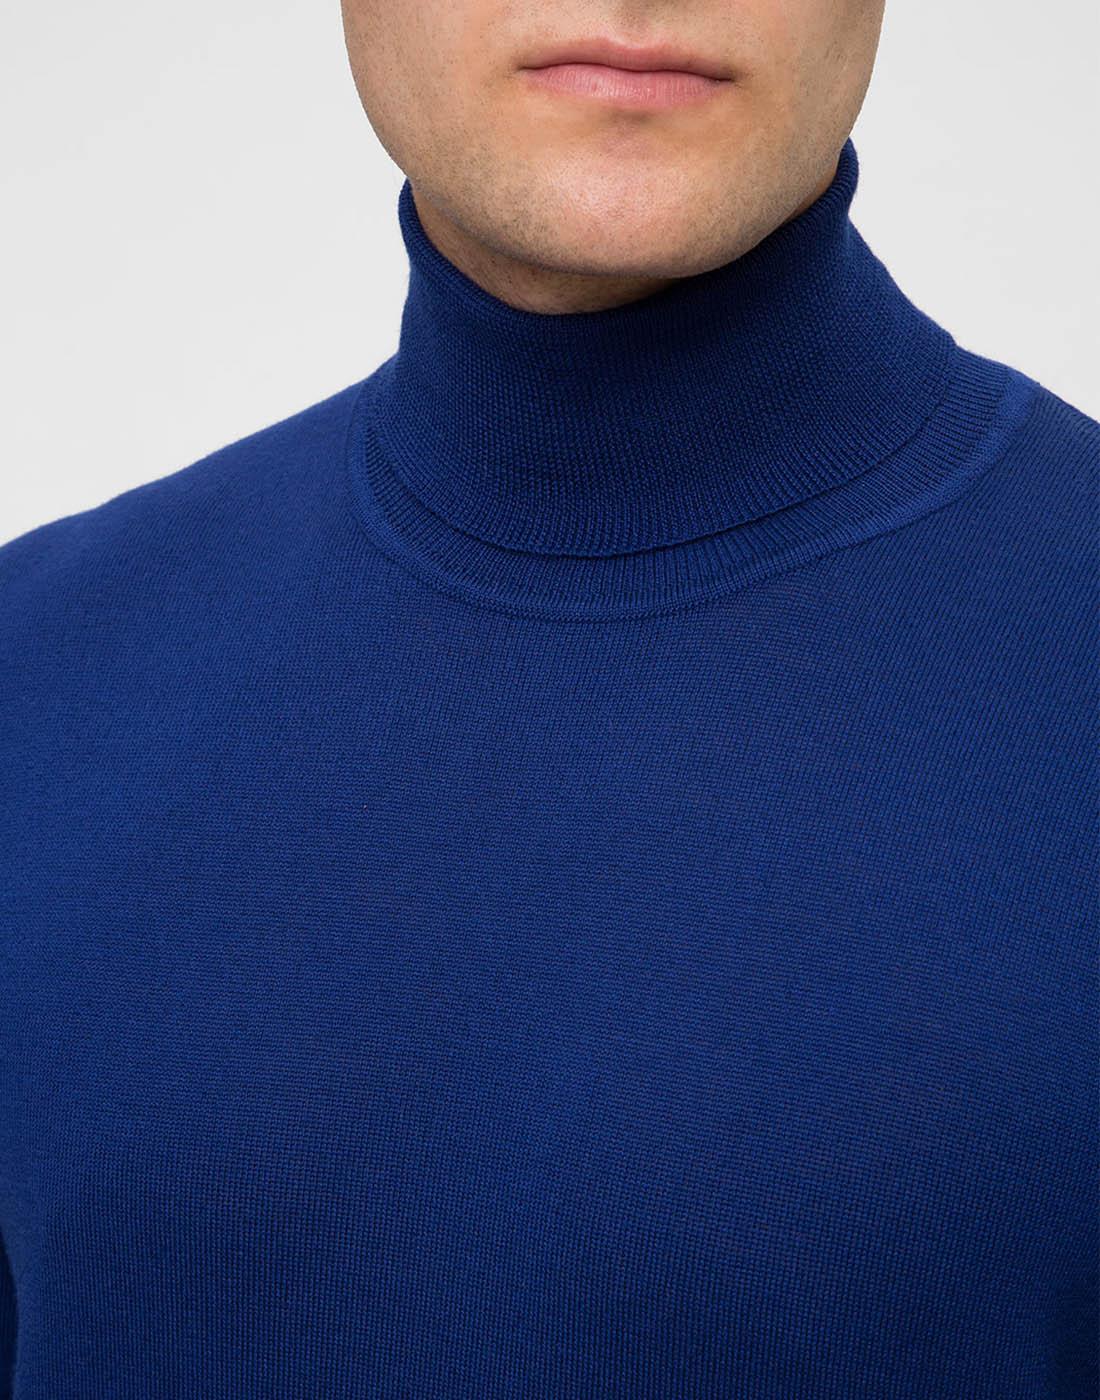 Мужской синий шерстяной гольф Dalmine S692030 754-6